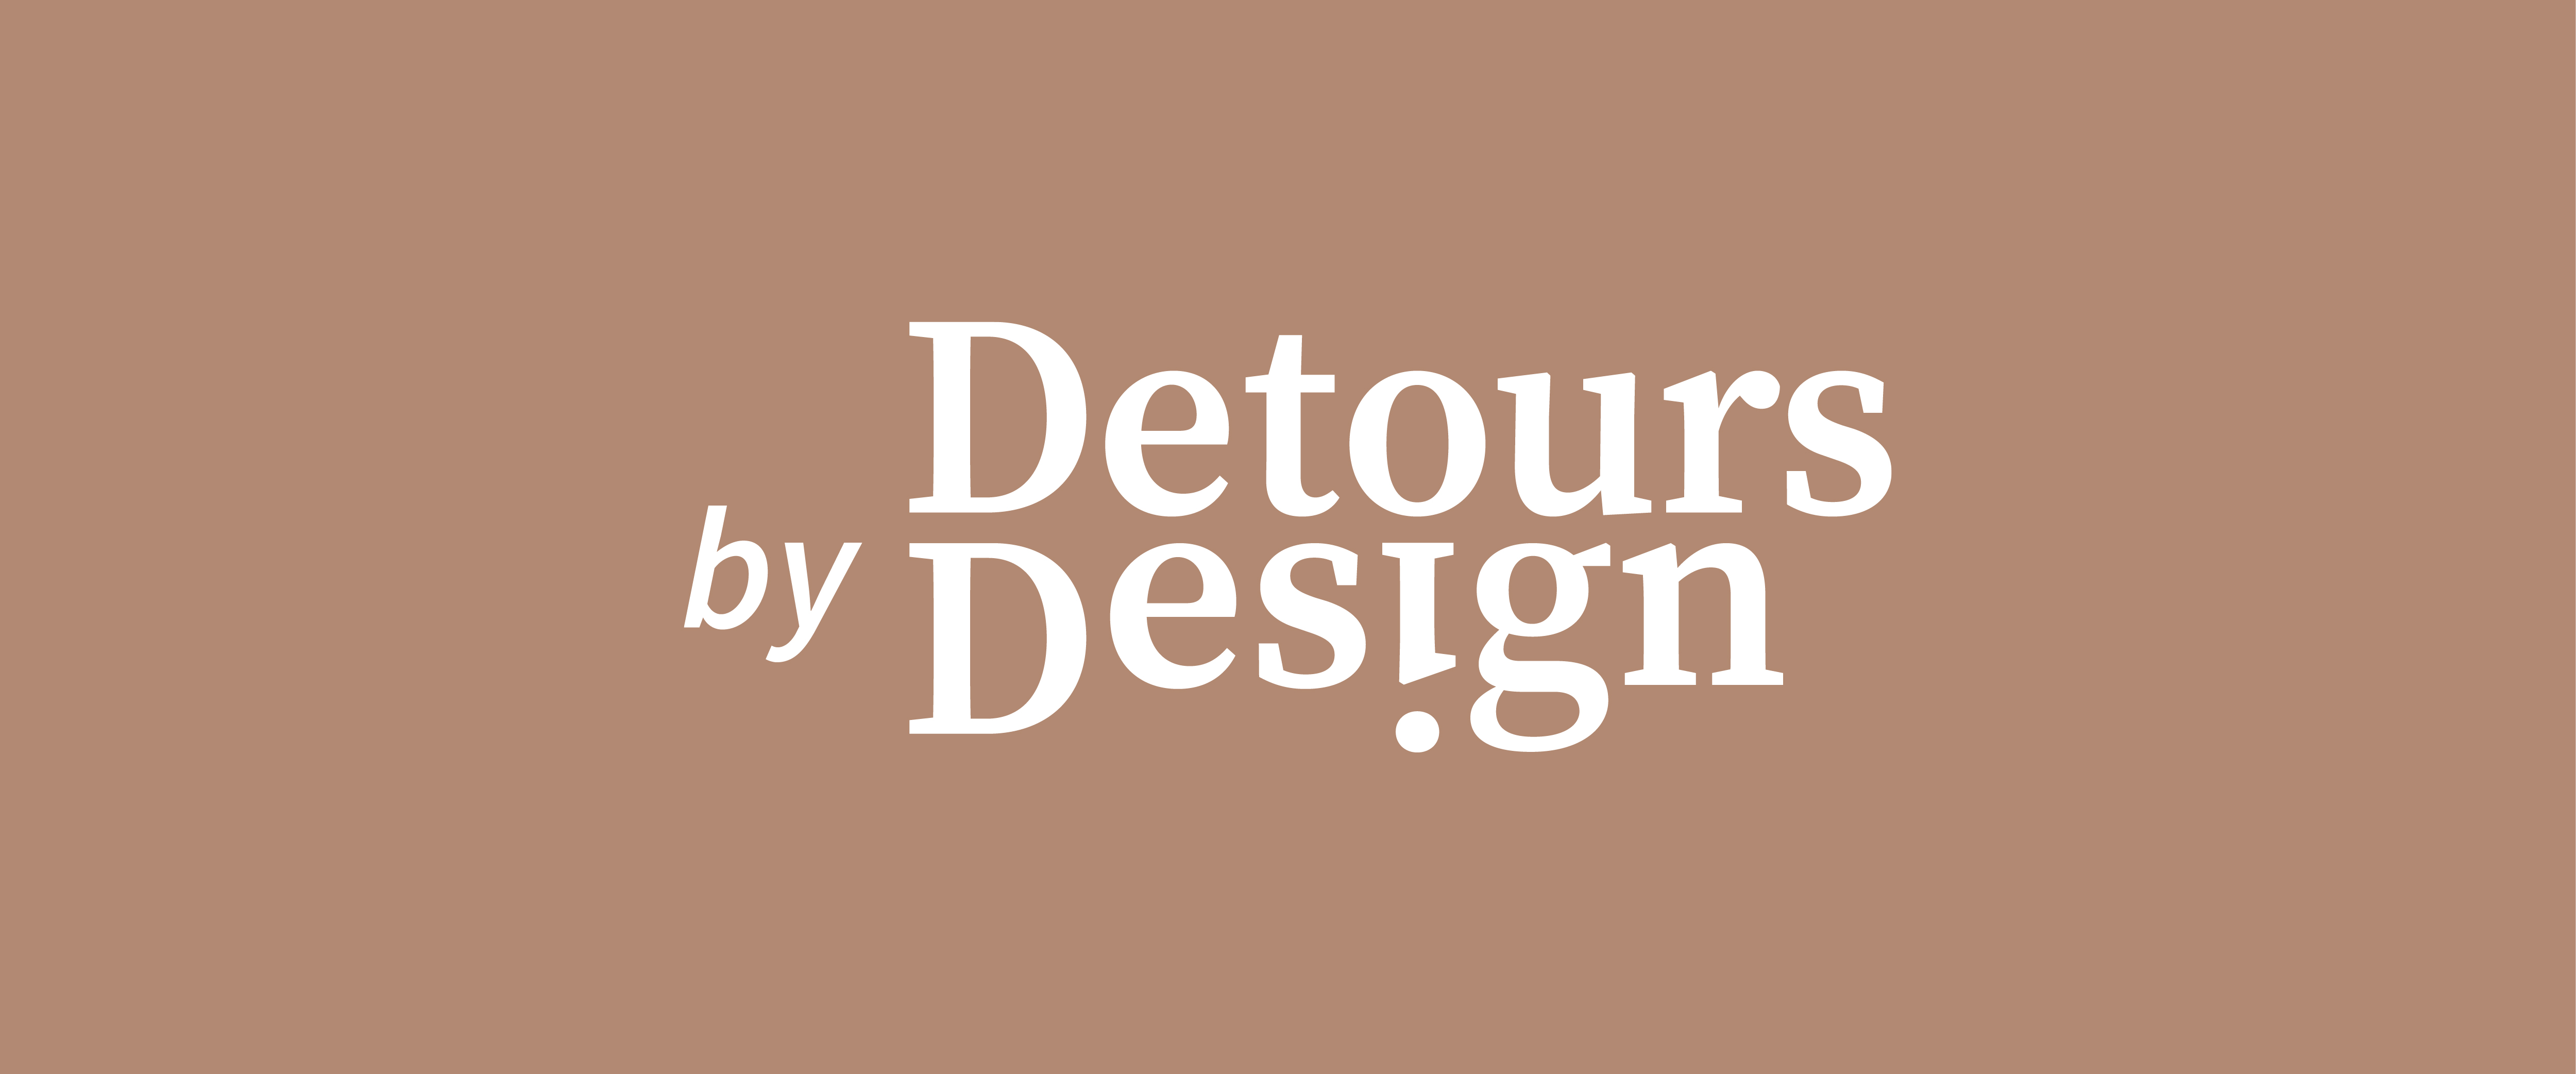 Detours by Design